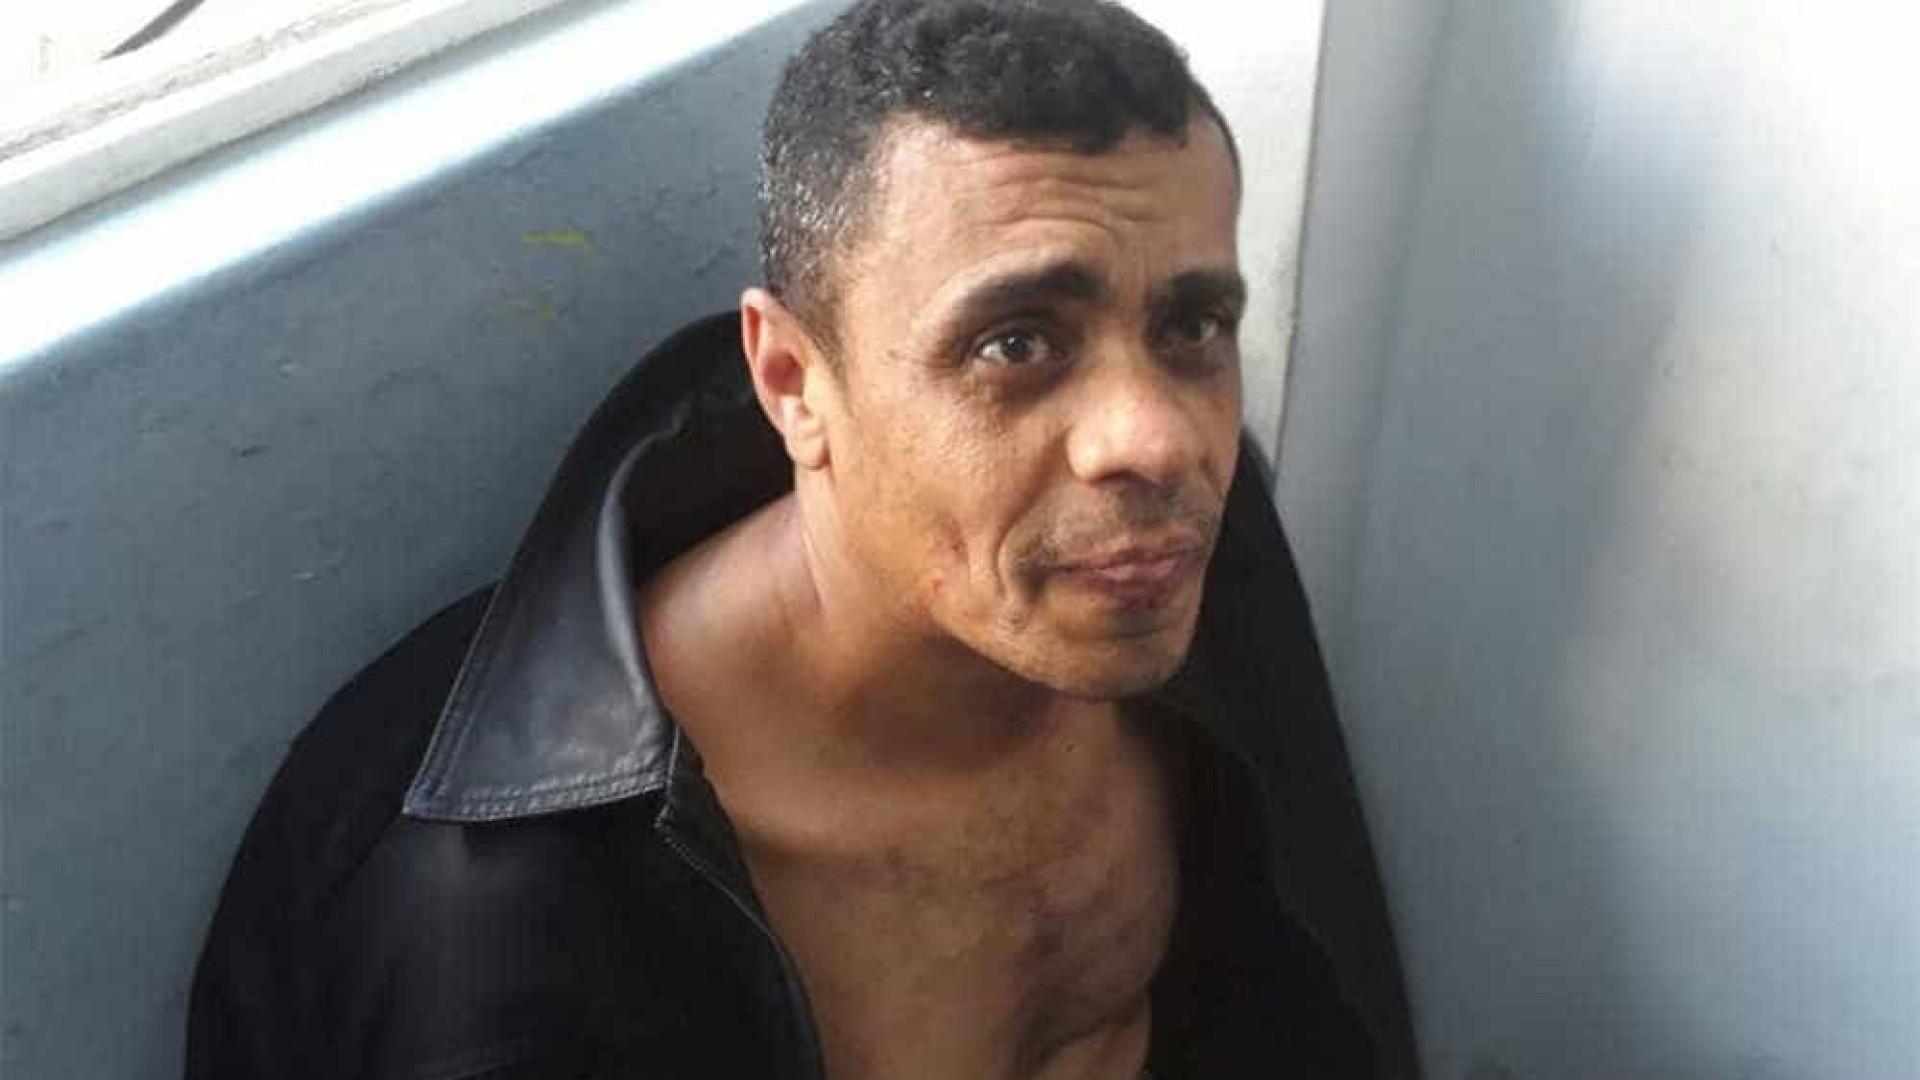 Agressor de Bolsonaro será transferido para prisão de segurança máxima